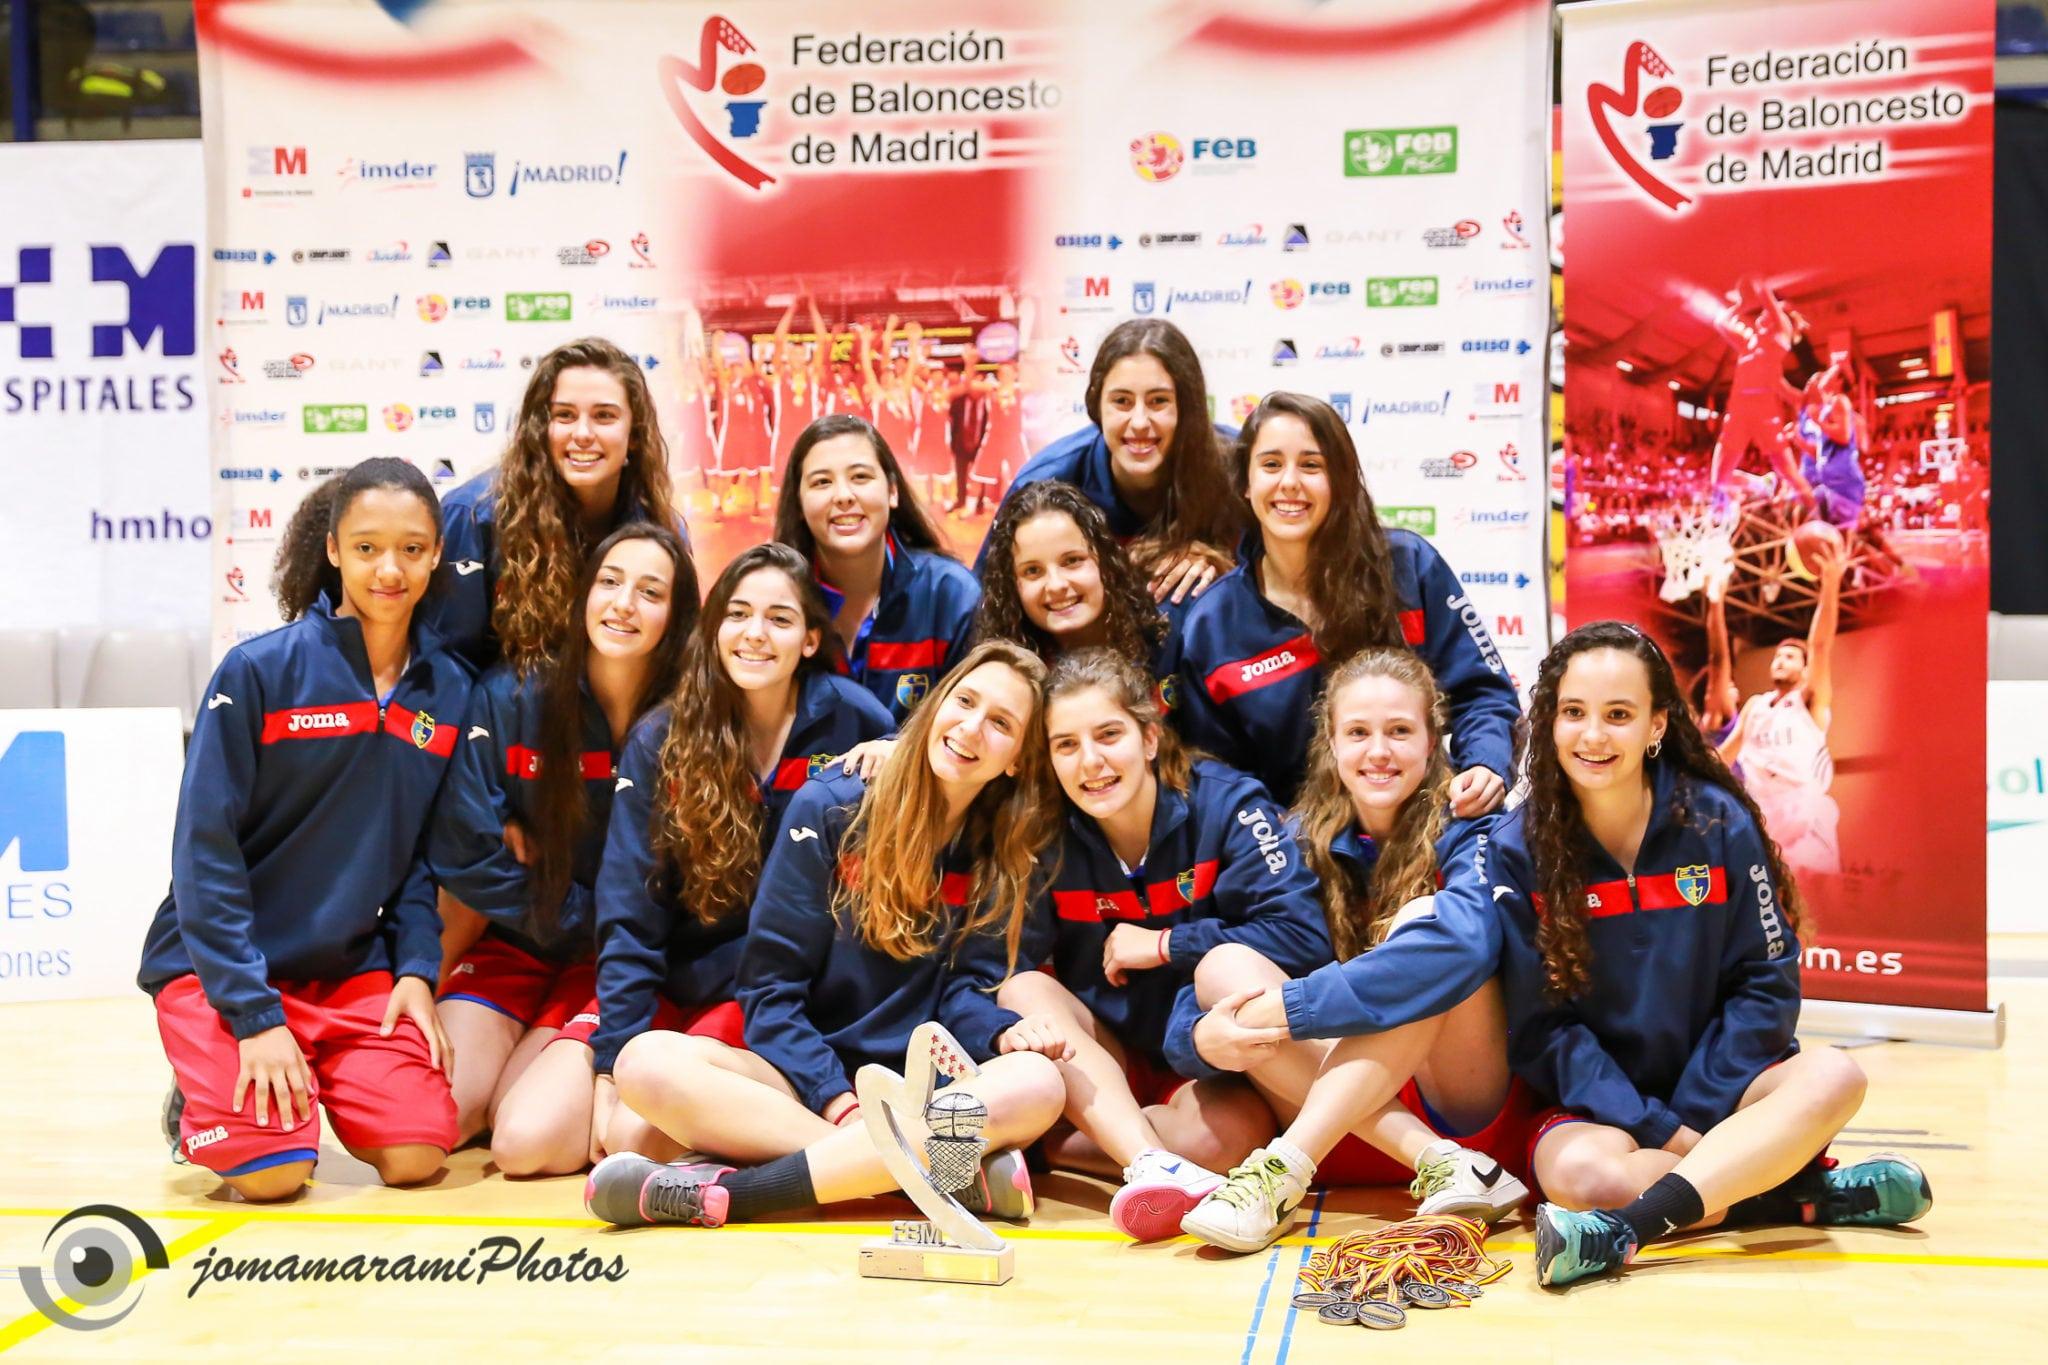 Resumen de cantera (24-26 abril): subcampeonato de Madrid junior femenino, cadetes en Fase Final, primer asalto de playoff minibasket…